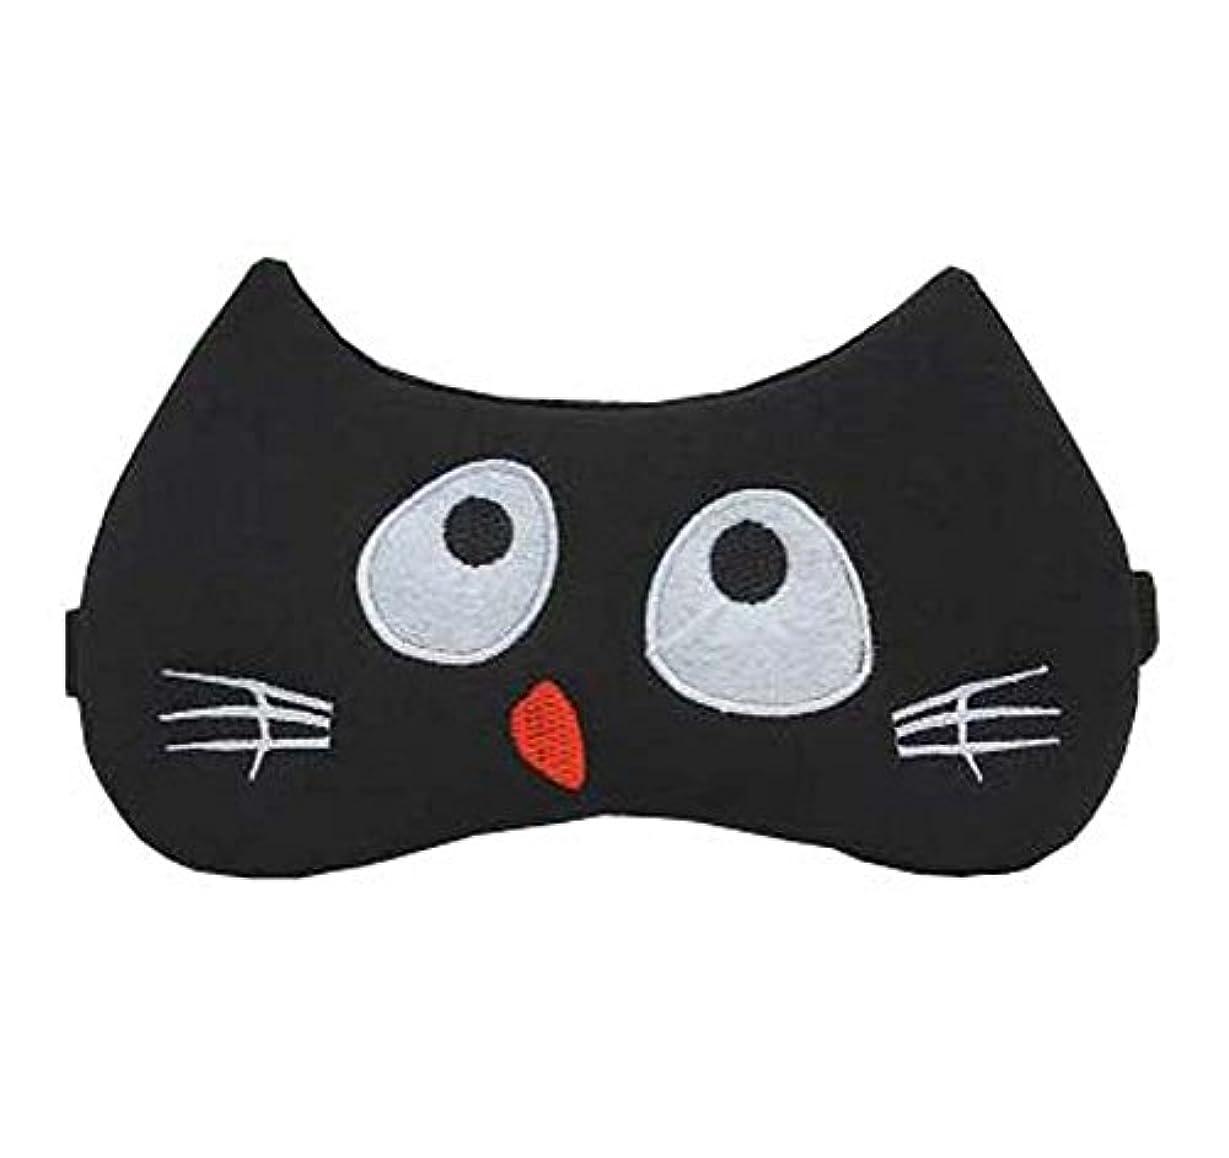 敬な賞賛するシャーロットブロンテ快適なかわいい目のマスクは、睡眠の作業のための不眠症とストレスを軽減し、D